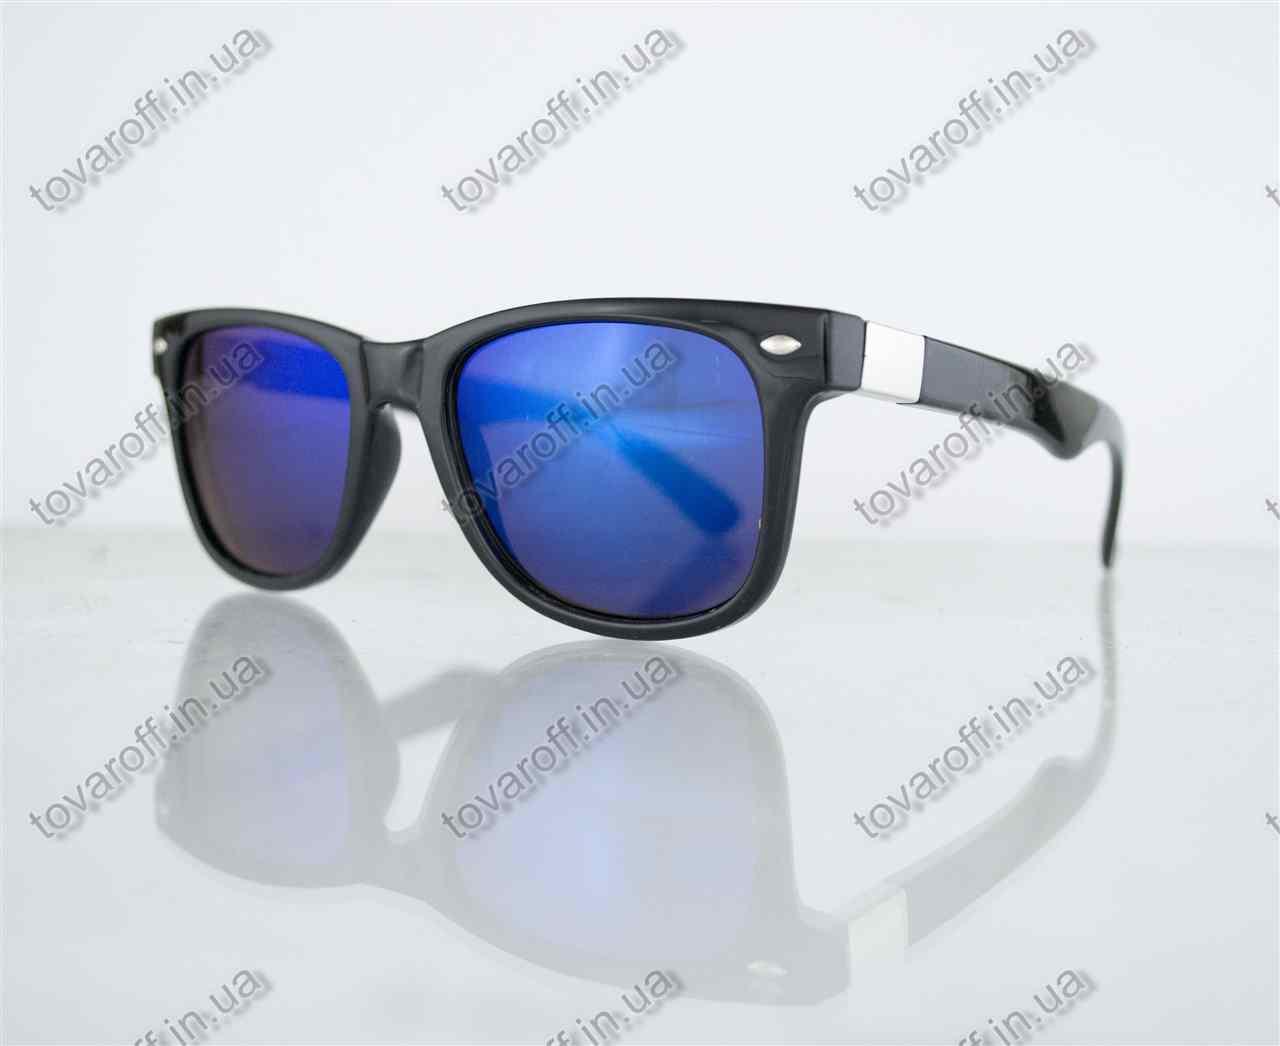 Очки унисекс солнцезащитные Вайфарер (Wayfarer) - Черные с синими зеркальными линзами - 0801